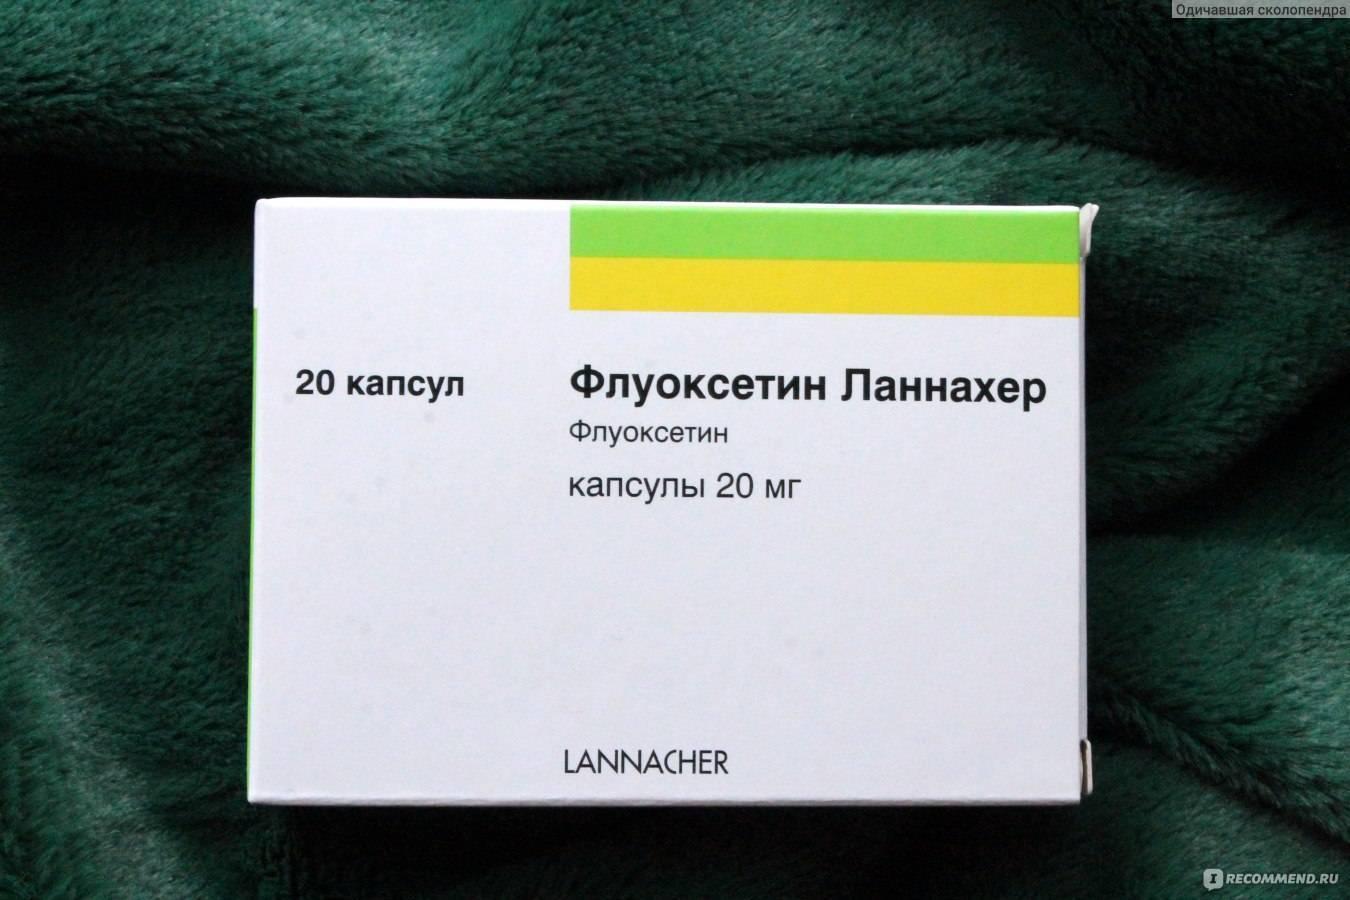 Существуют ли лекарства от булимии?